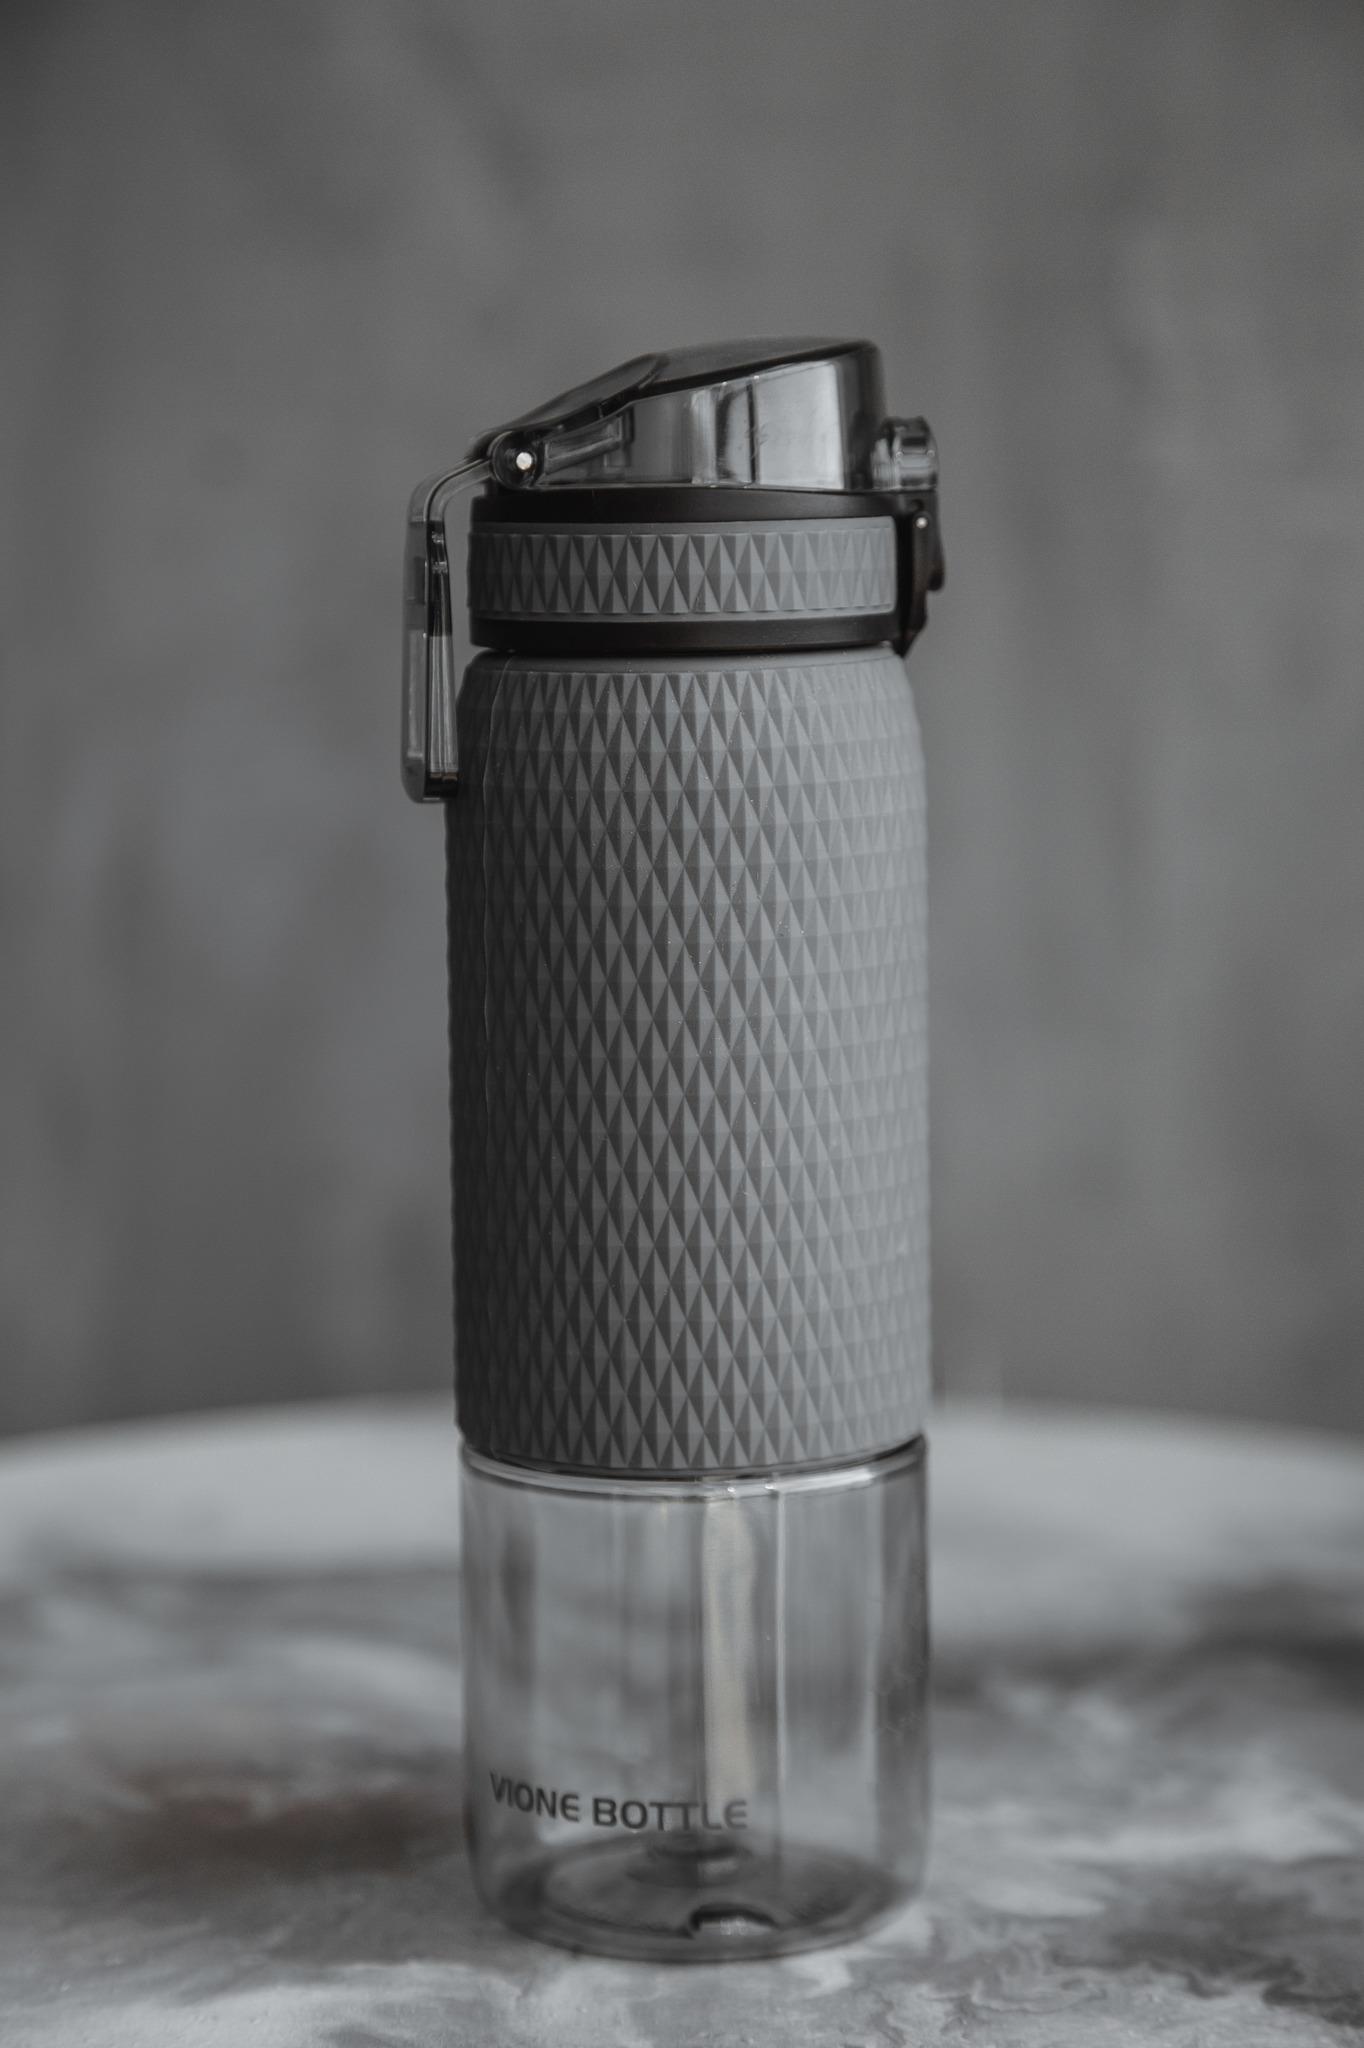 Генератор водородной воды Vione Mineral Bottle уничтожает болезнетворные бактерии